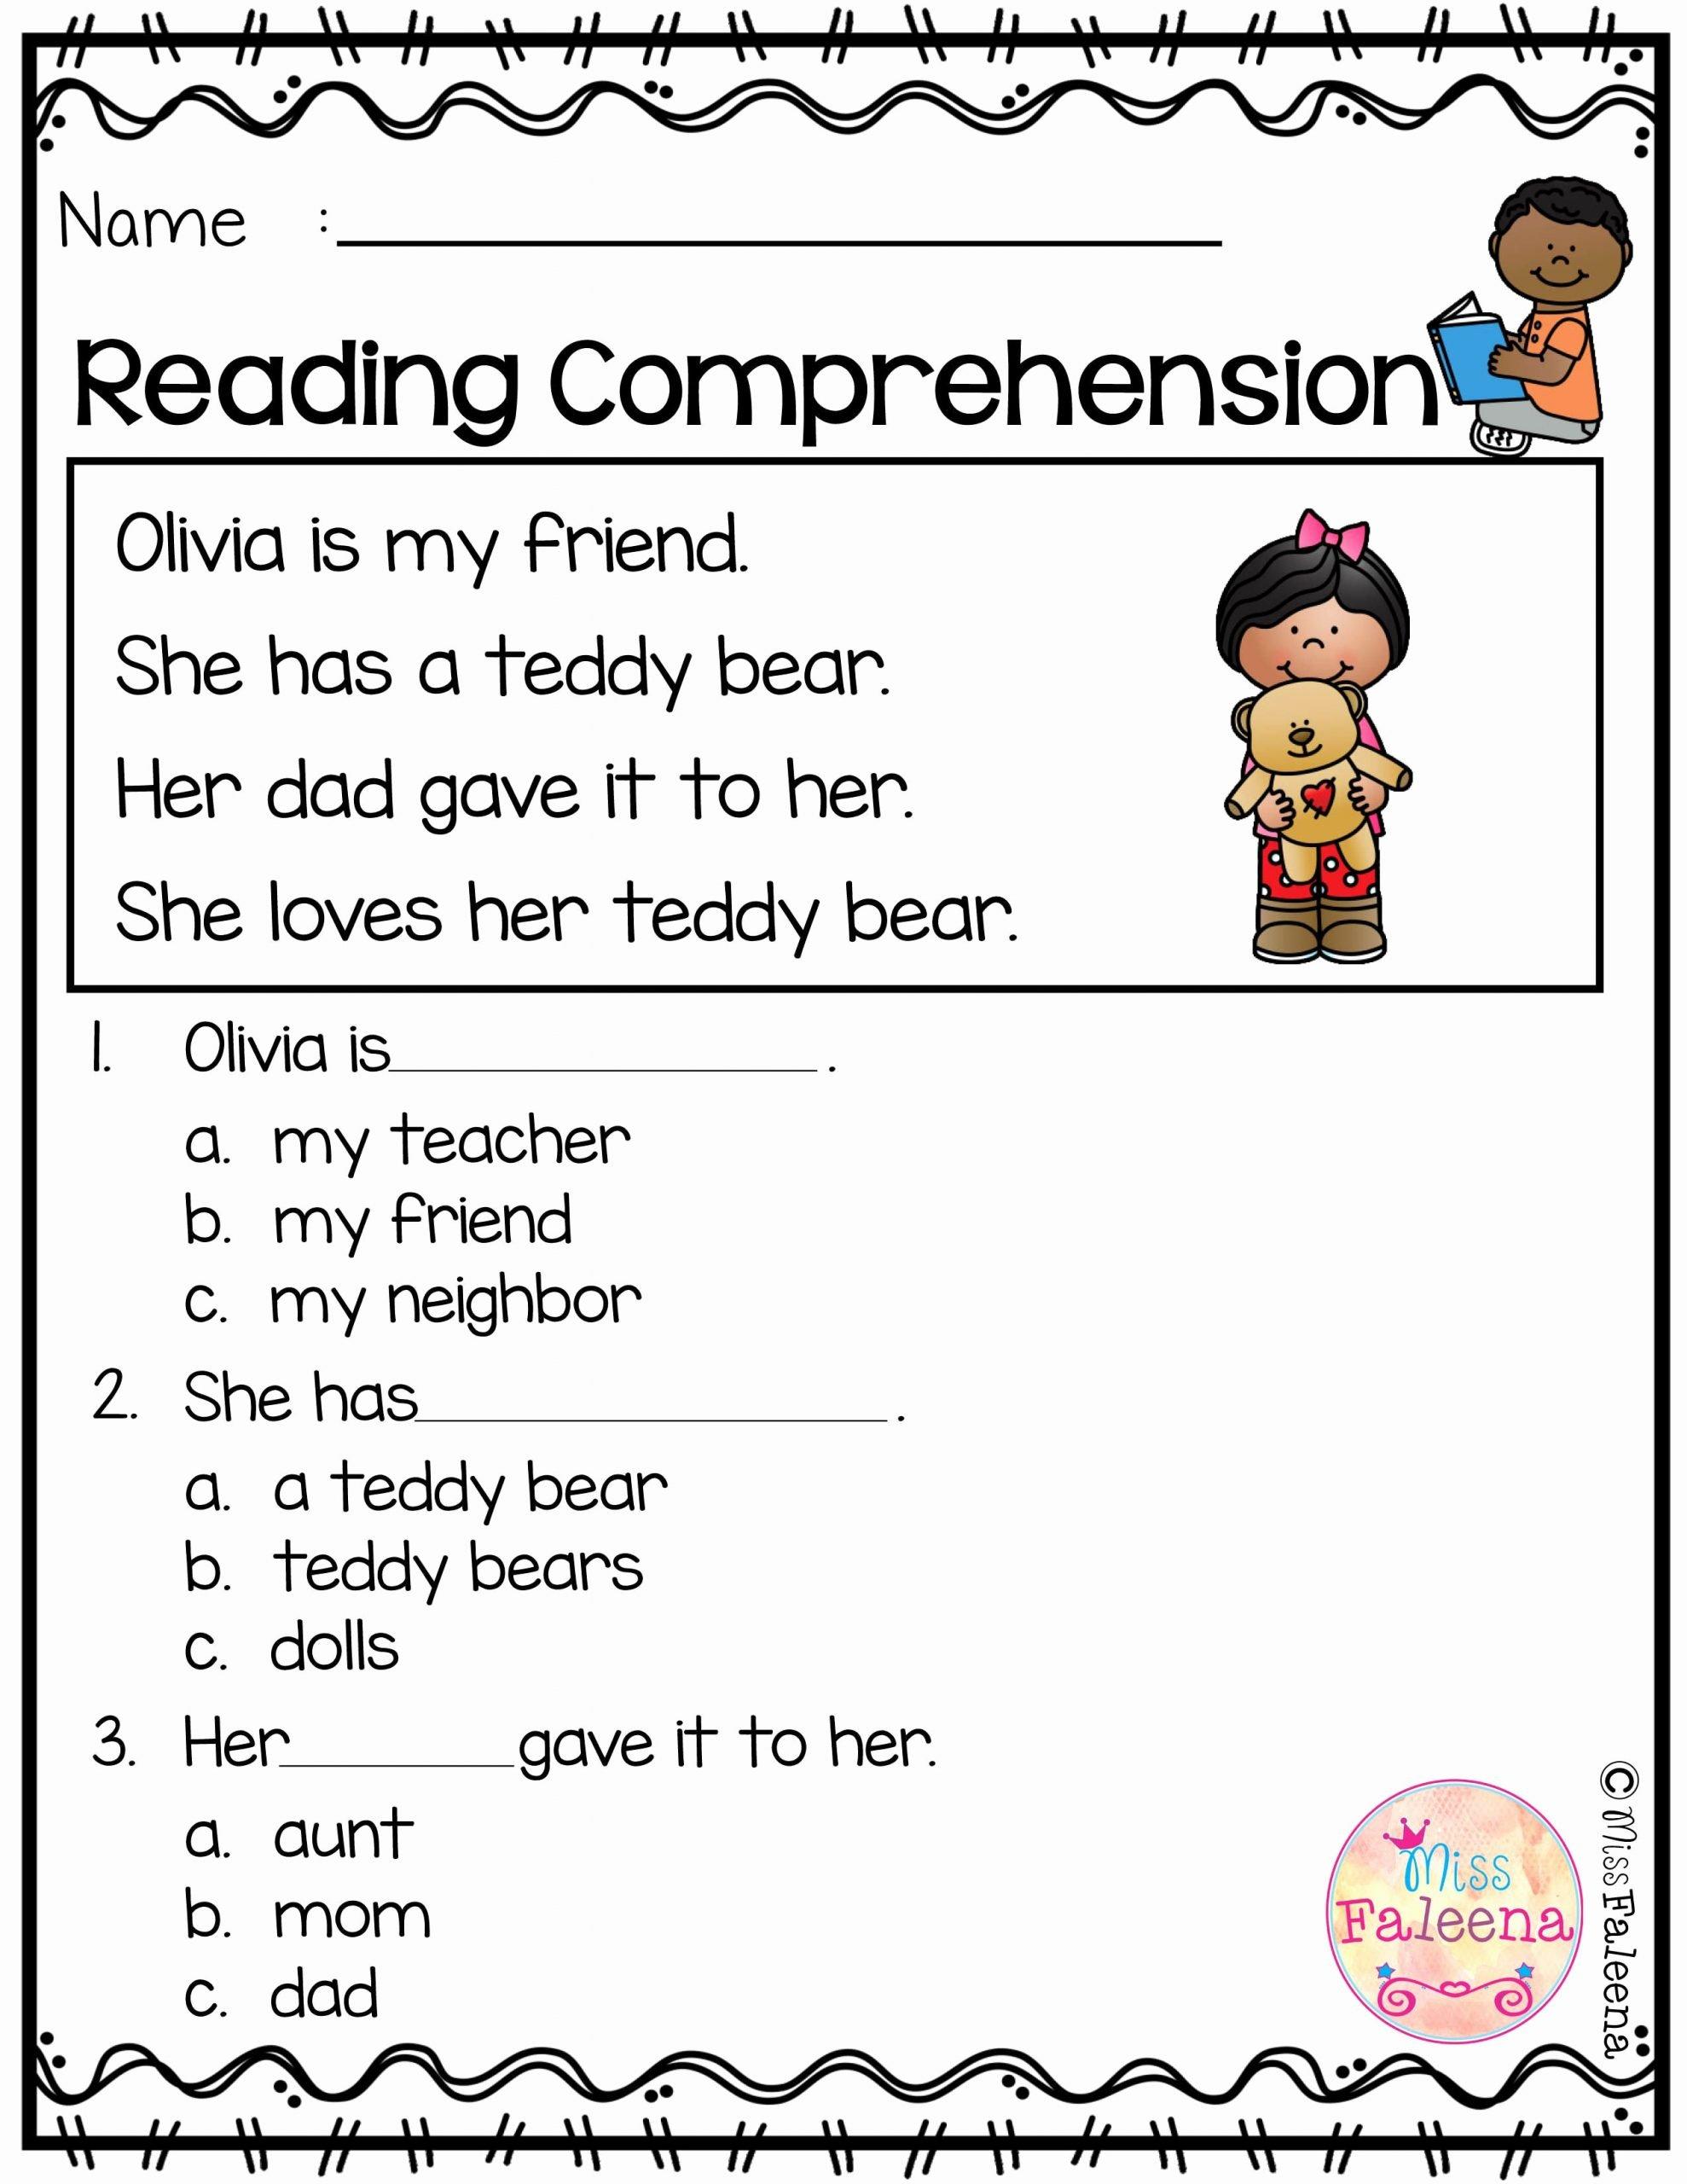 Reading Comprehension Worksheets for Kindergarten top Free Reading Prehension